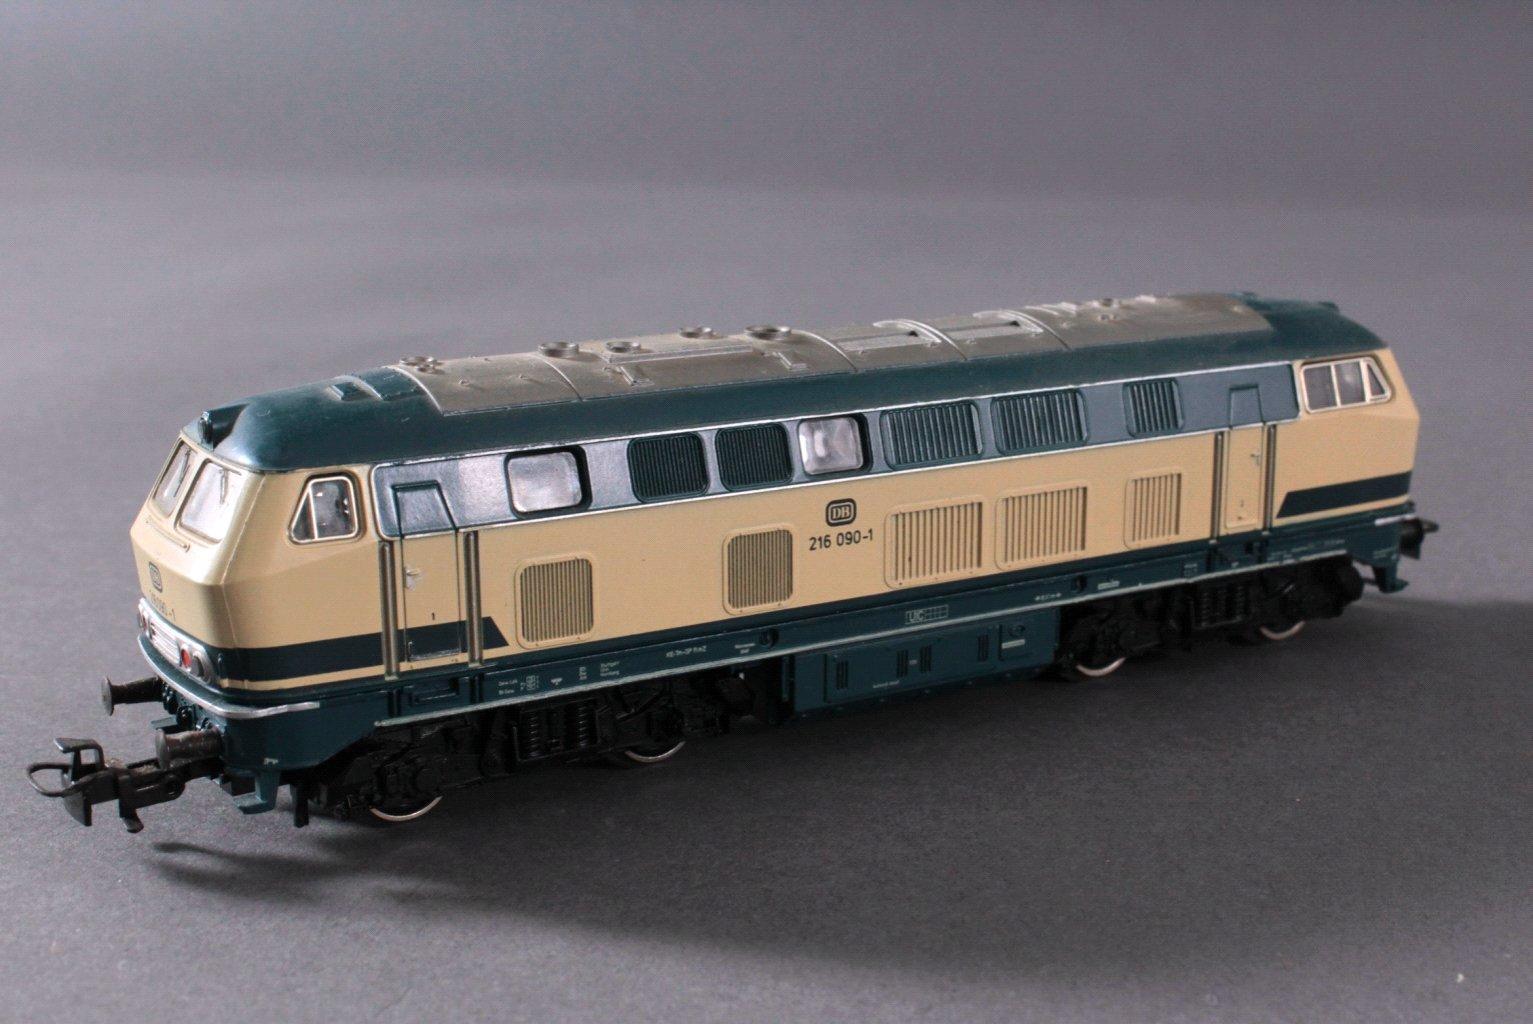 Märklin H0 3071 E-Lok BR 216 090-1 DB in beige/grün mit-1